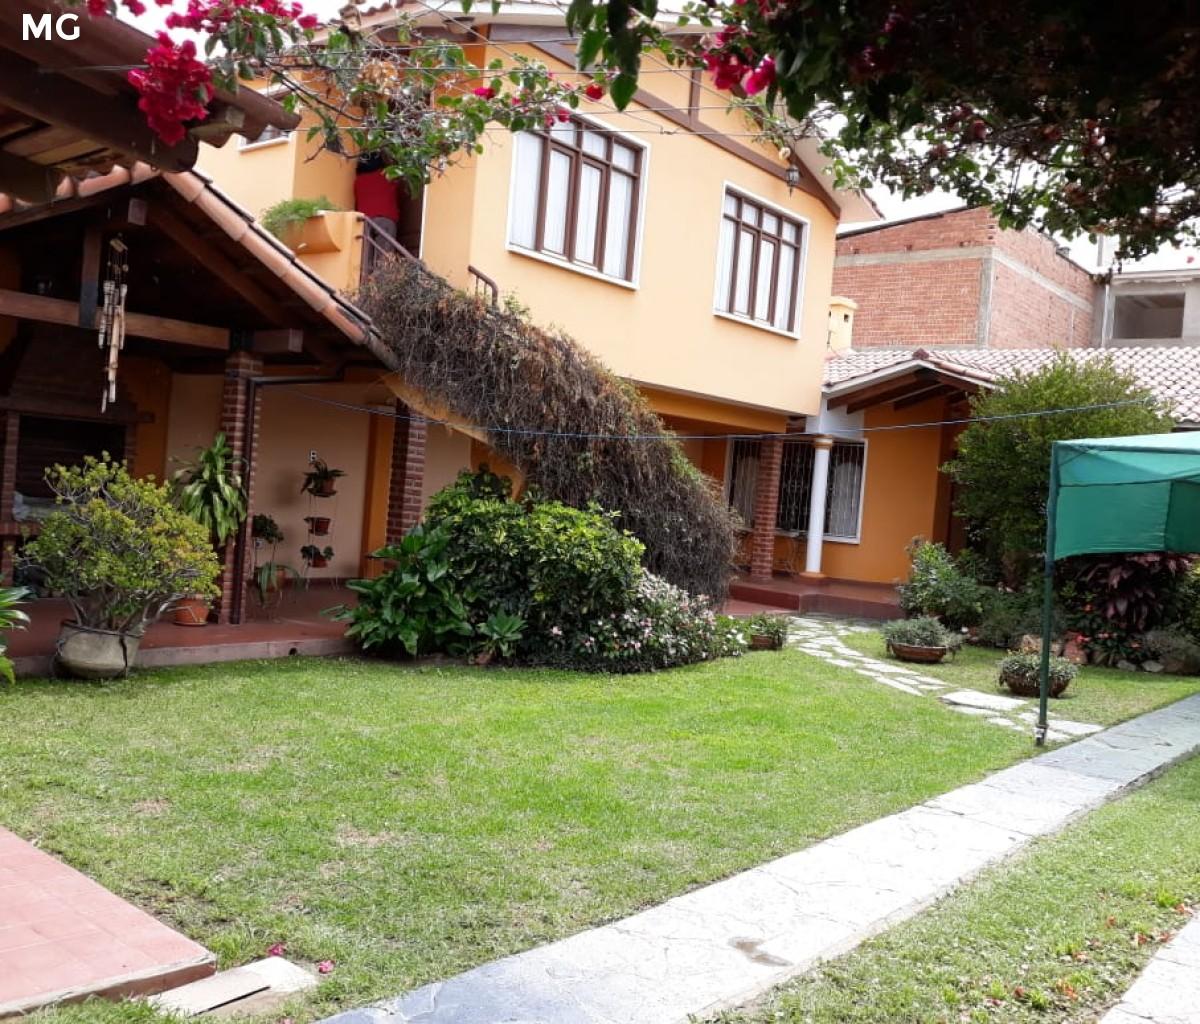 Casa en Alquiler Av. dorbigny y av. villa vicencio. Foto 1